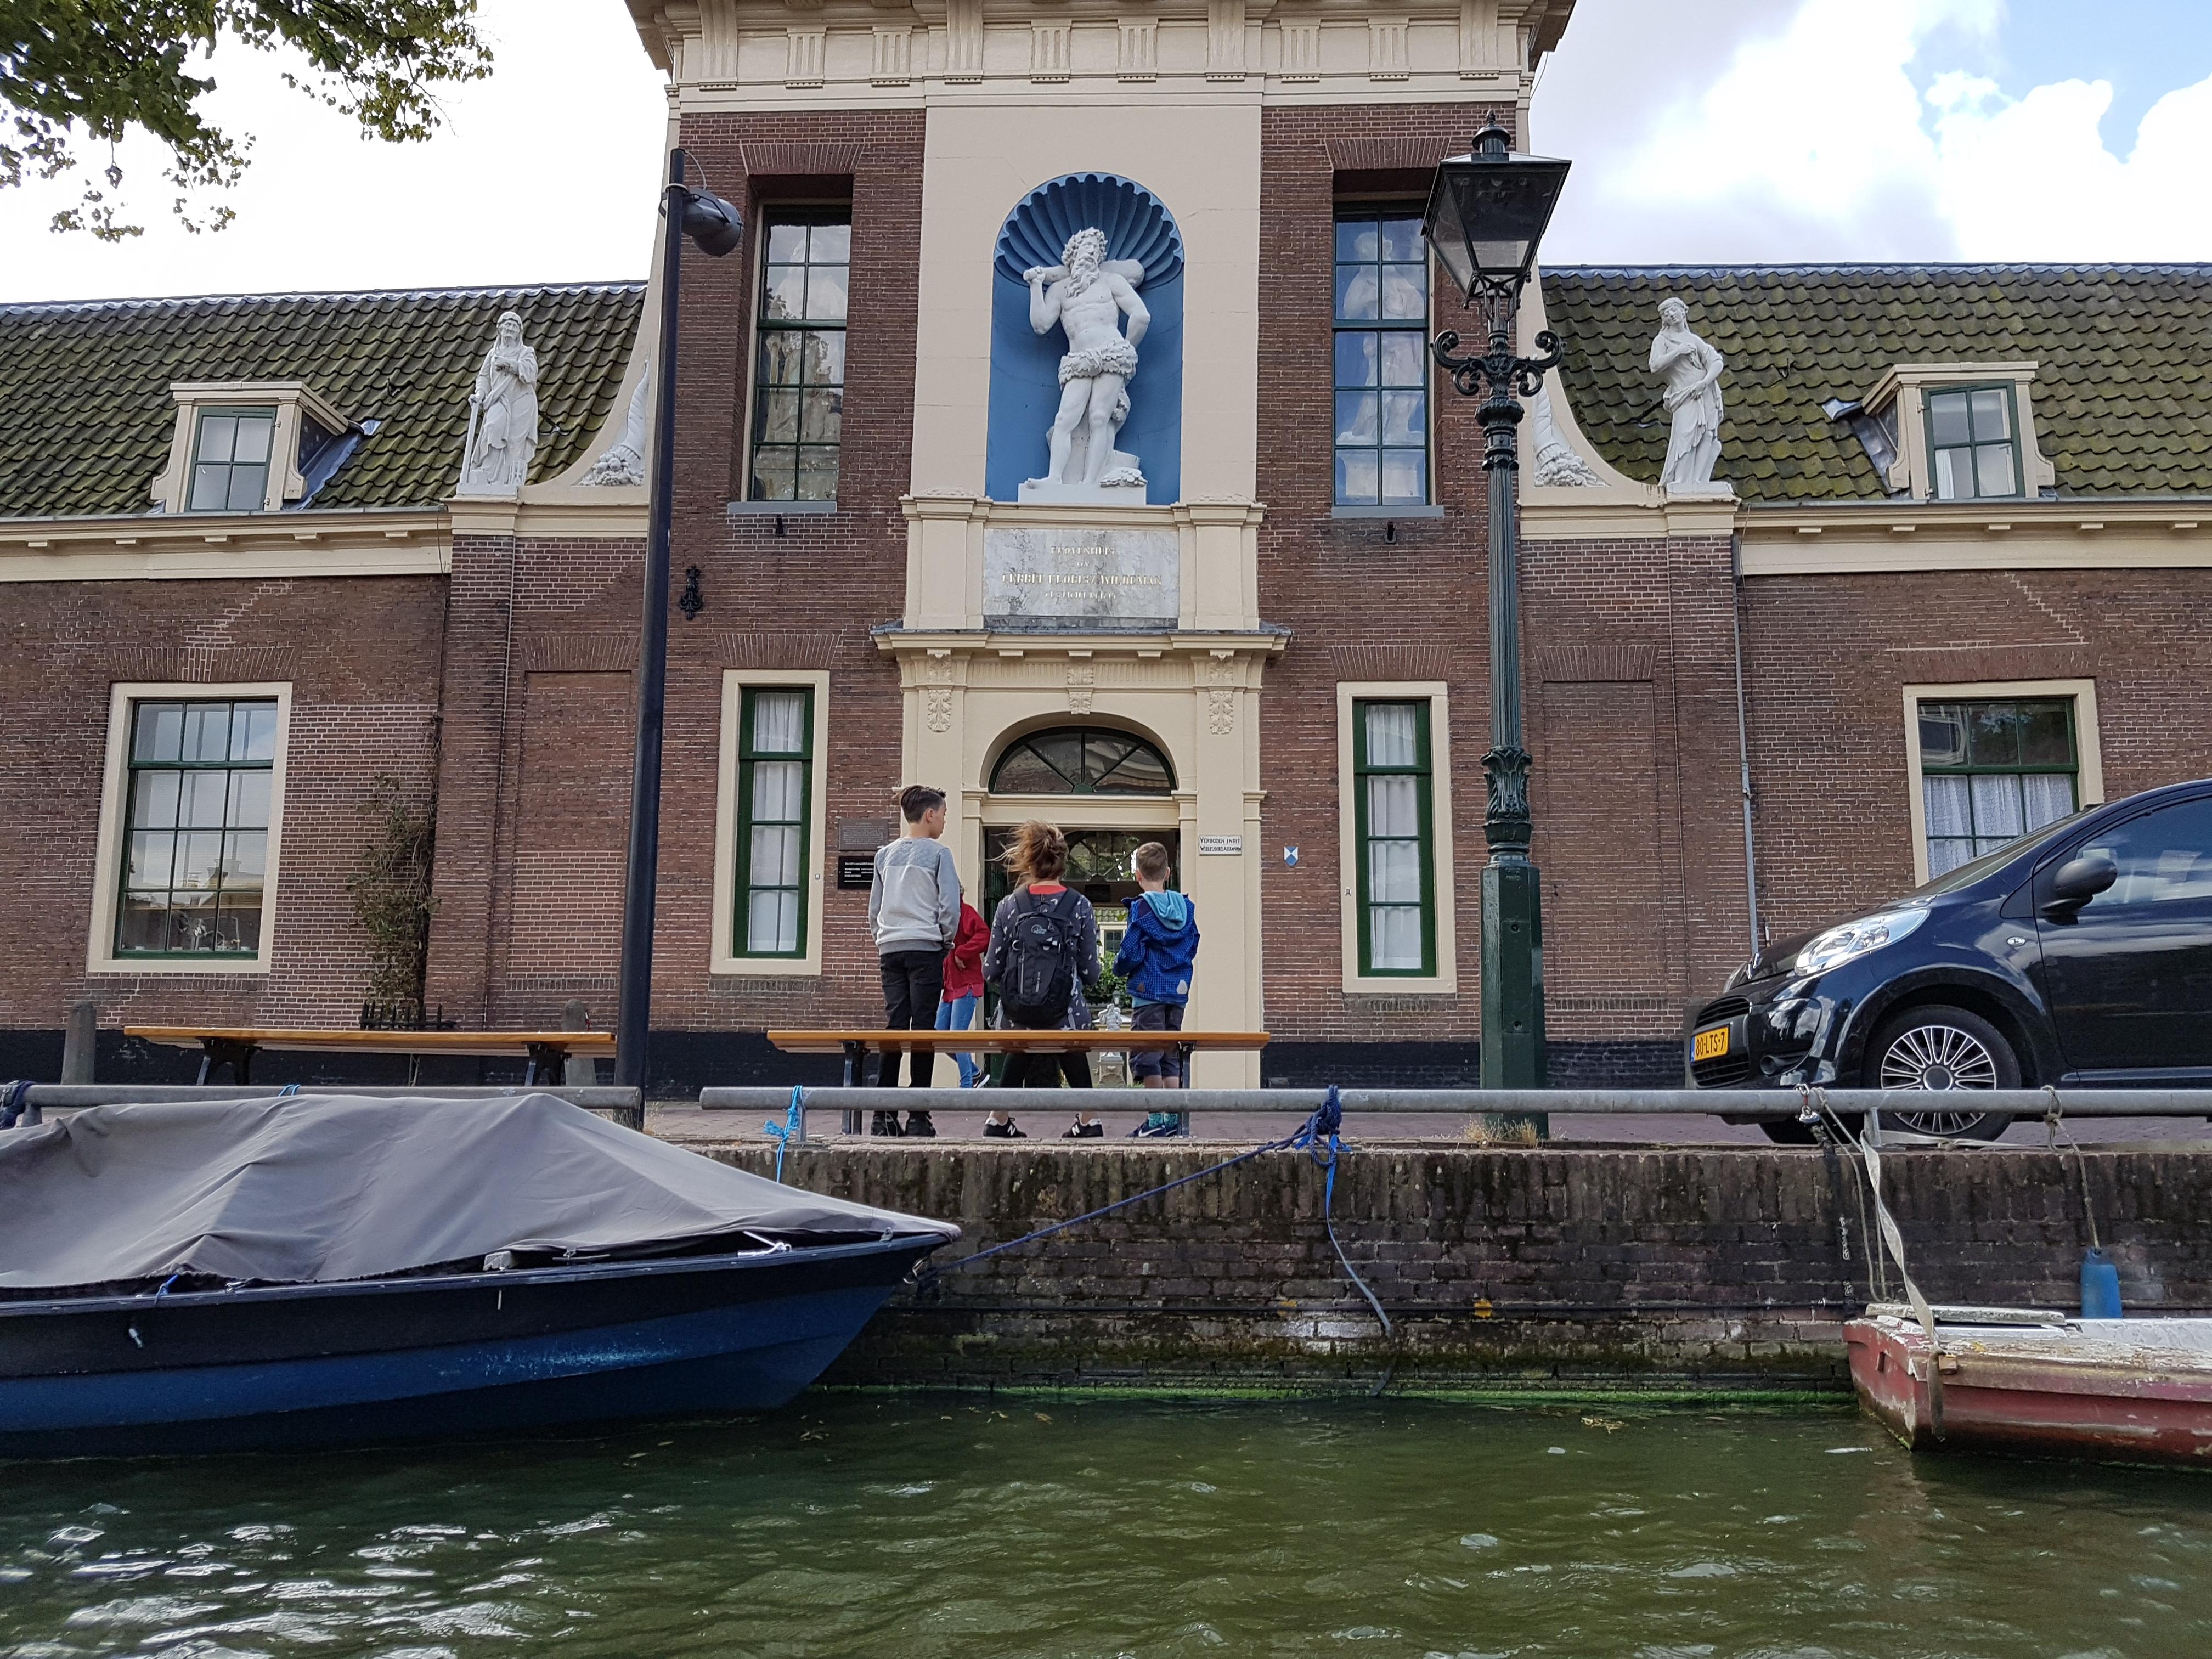 Grachtenfahrt durch Alkmaar